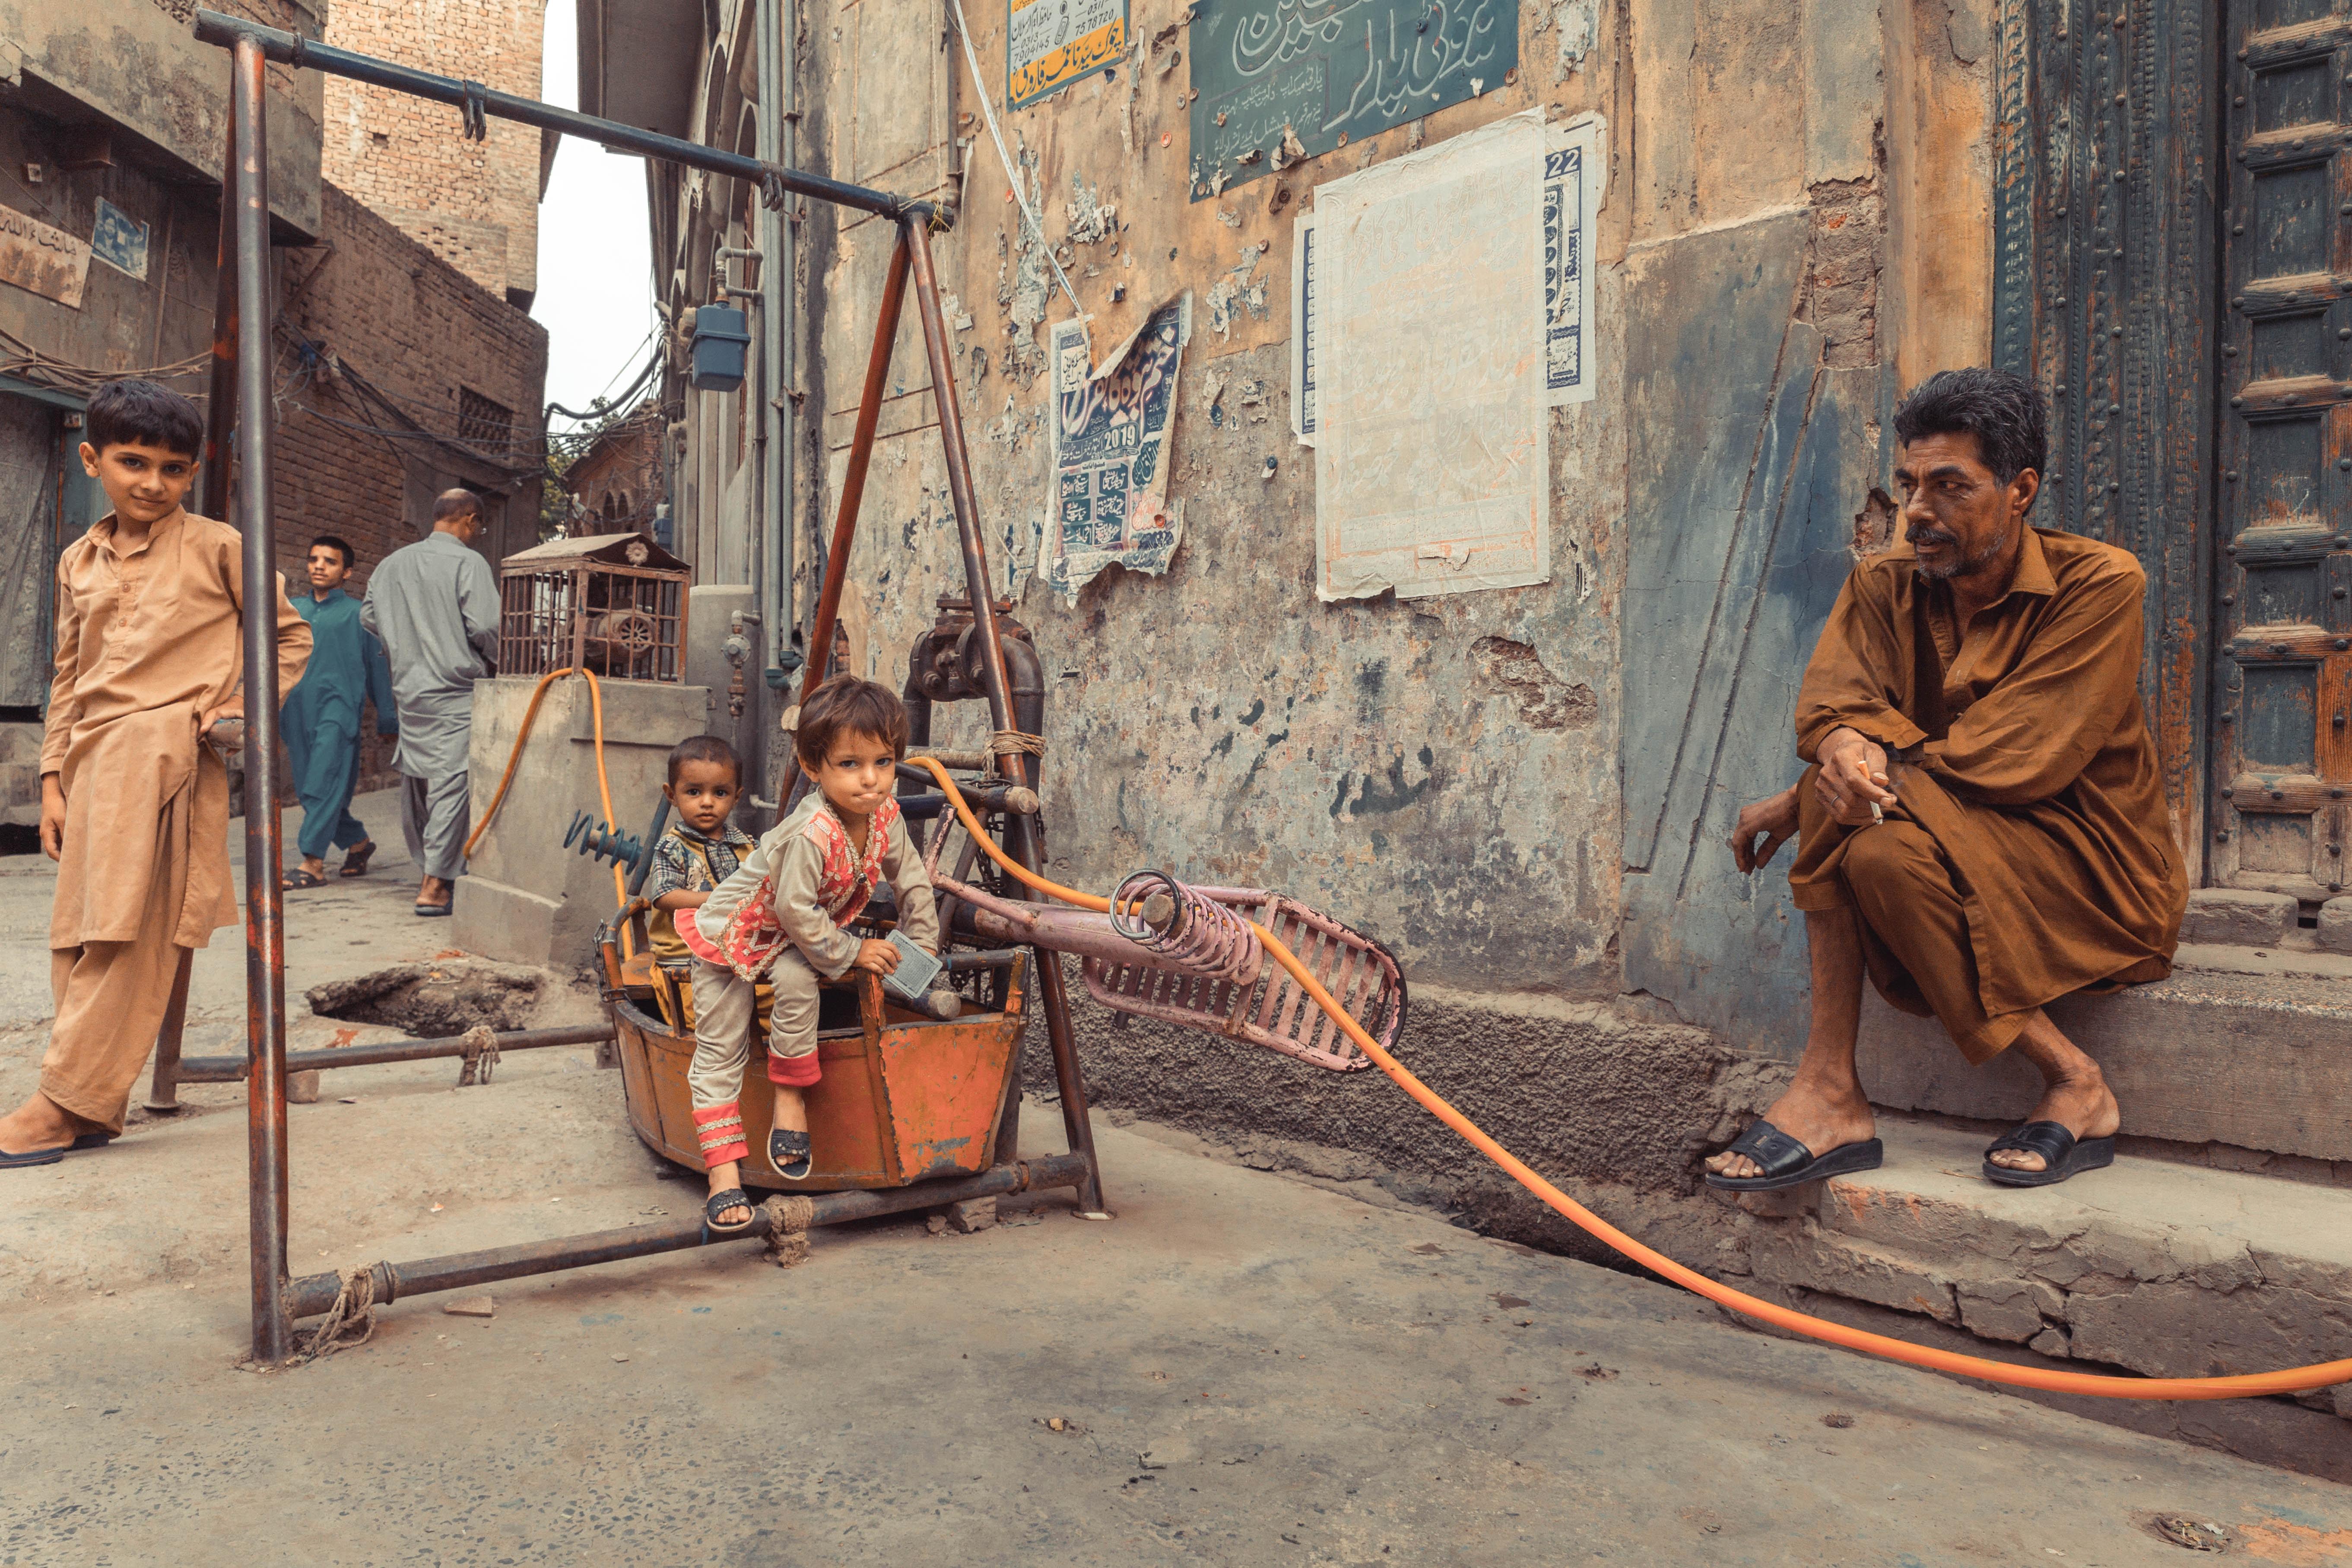 パキスタンで深刻化する非ムスリムへの偏見 | dotworld|ドット ...